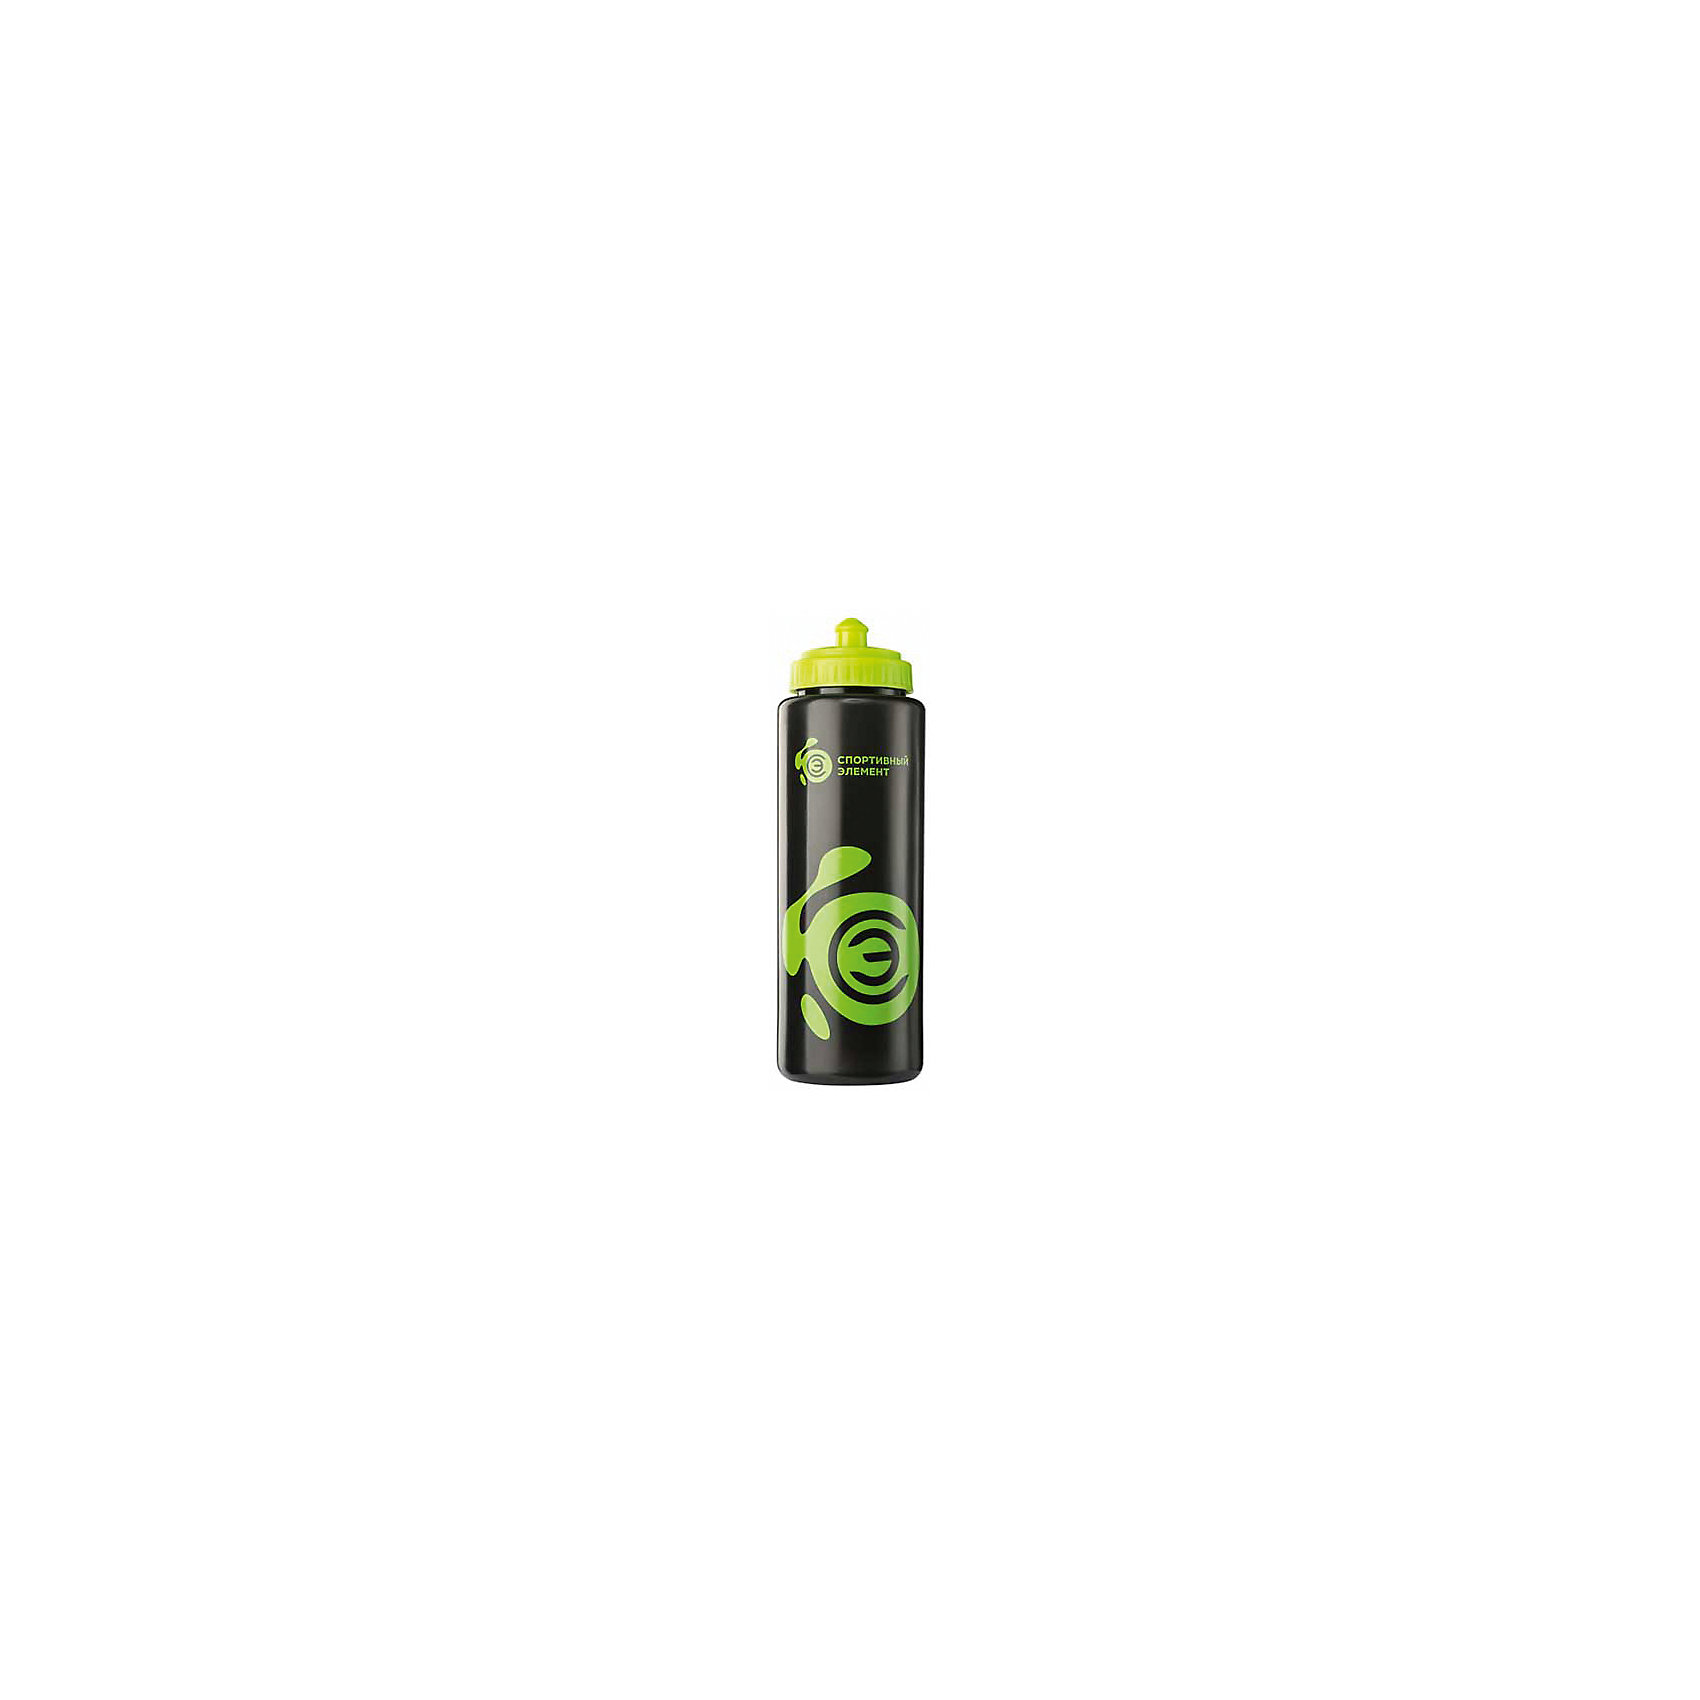 Спортивная бутылка Нефрит, черная, Спортивный ЭлементБутылки для воды и бутербродницы<br>Характеристики товара:<br><br>• объем: 1,0л<br>• высота: 25см<br>• диаметр: 7.5см<br>• вес: 77гр<br>• цвет: полупрозрачная черная бутылка, салатовый логотип Спортивный Элемент, салатовая крышка, салатовая защелка<br>• состав: LDPЕ-пластик<br>• страна-производитель: Китай<br>• упаковка: пакет<br><br>Классическая форма бутылки. <br><br>Предназначен для употребления воды и спортивных напитков.<br><br>Безопасный пластик, пригодный для хранения продуктов питания. <br><br>Пластик без содержания Бисфенол-А.<br><br>Закручивающаяся крышка с носиком для питья. <br><br>LDPE материал (приятно держать в руках).<br><br>Коврик туристический 180х50 см можно купить в нашем интернет-магазине.<br><br>Ширина мм: 250<br>Глубина мм: 80<br>Высота мм: 80<br>Вес г: 77<br>Возраст от месяцев: 36<br>Возраст до месяцев: 2147483647<br>Пол: Унисекс<br>Возраст: Детский<br>SKU: 5574464